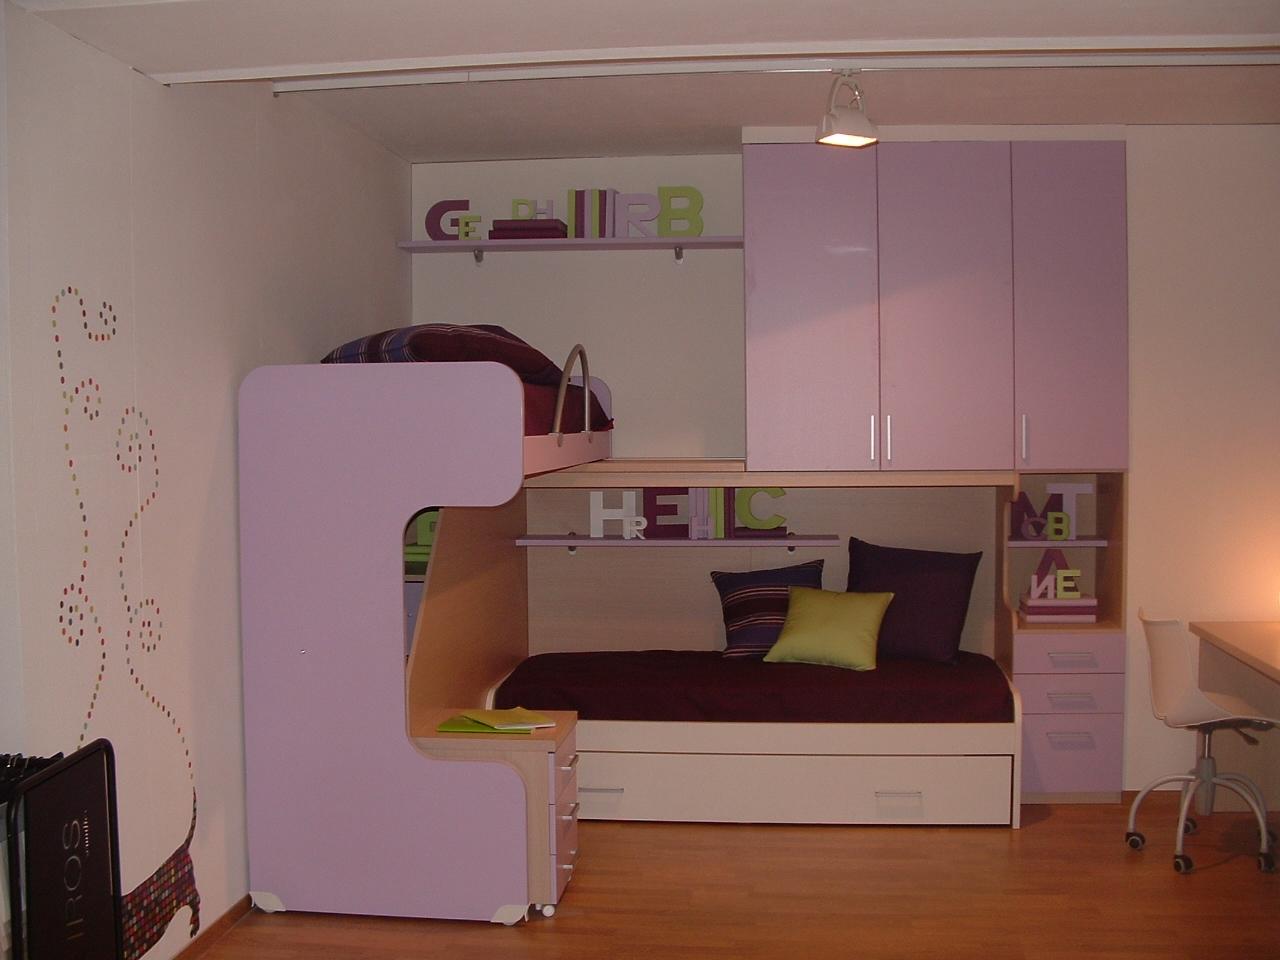 Cameretta a ponte ima young design con letto scorrevole - Camerette con letto a ponte ...